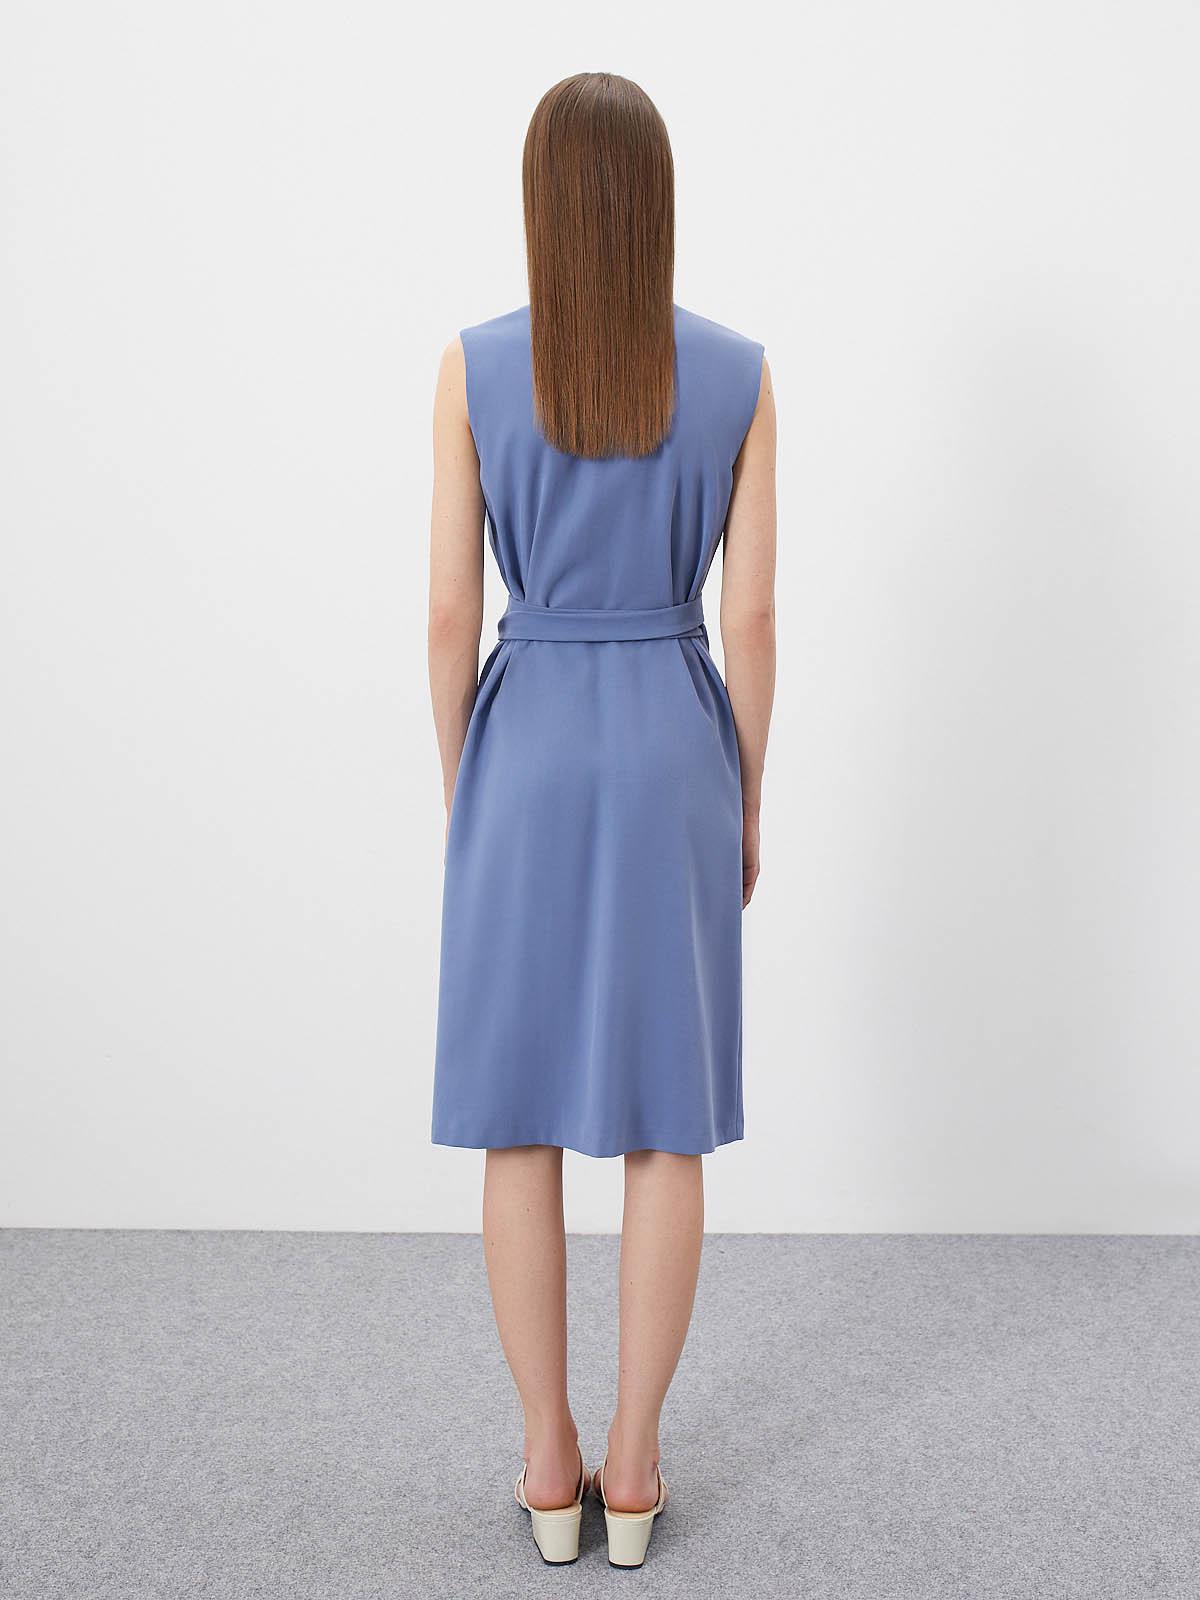 Платье Garnet без рукавов на запах, Голубой